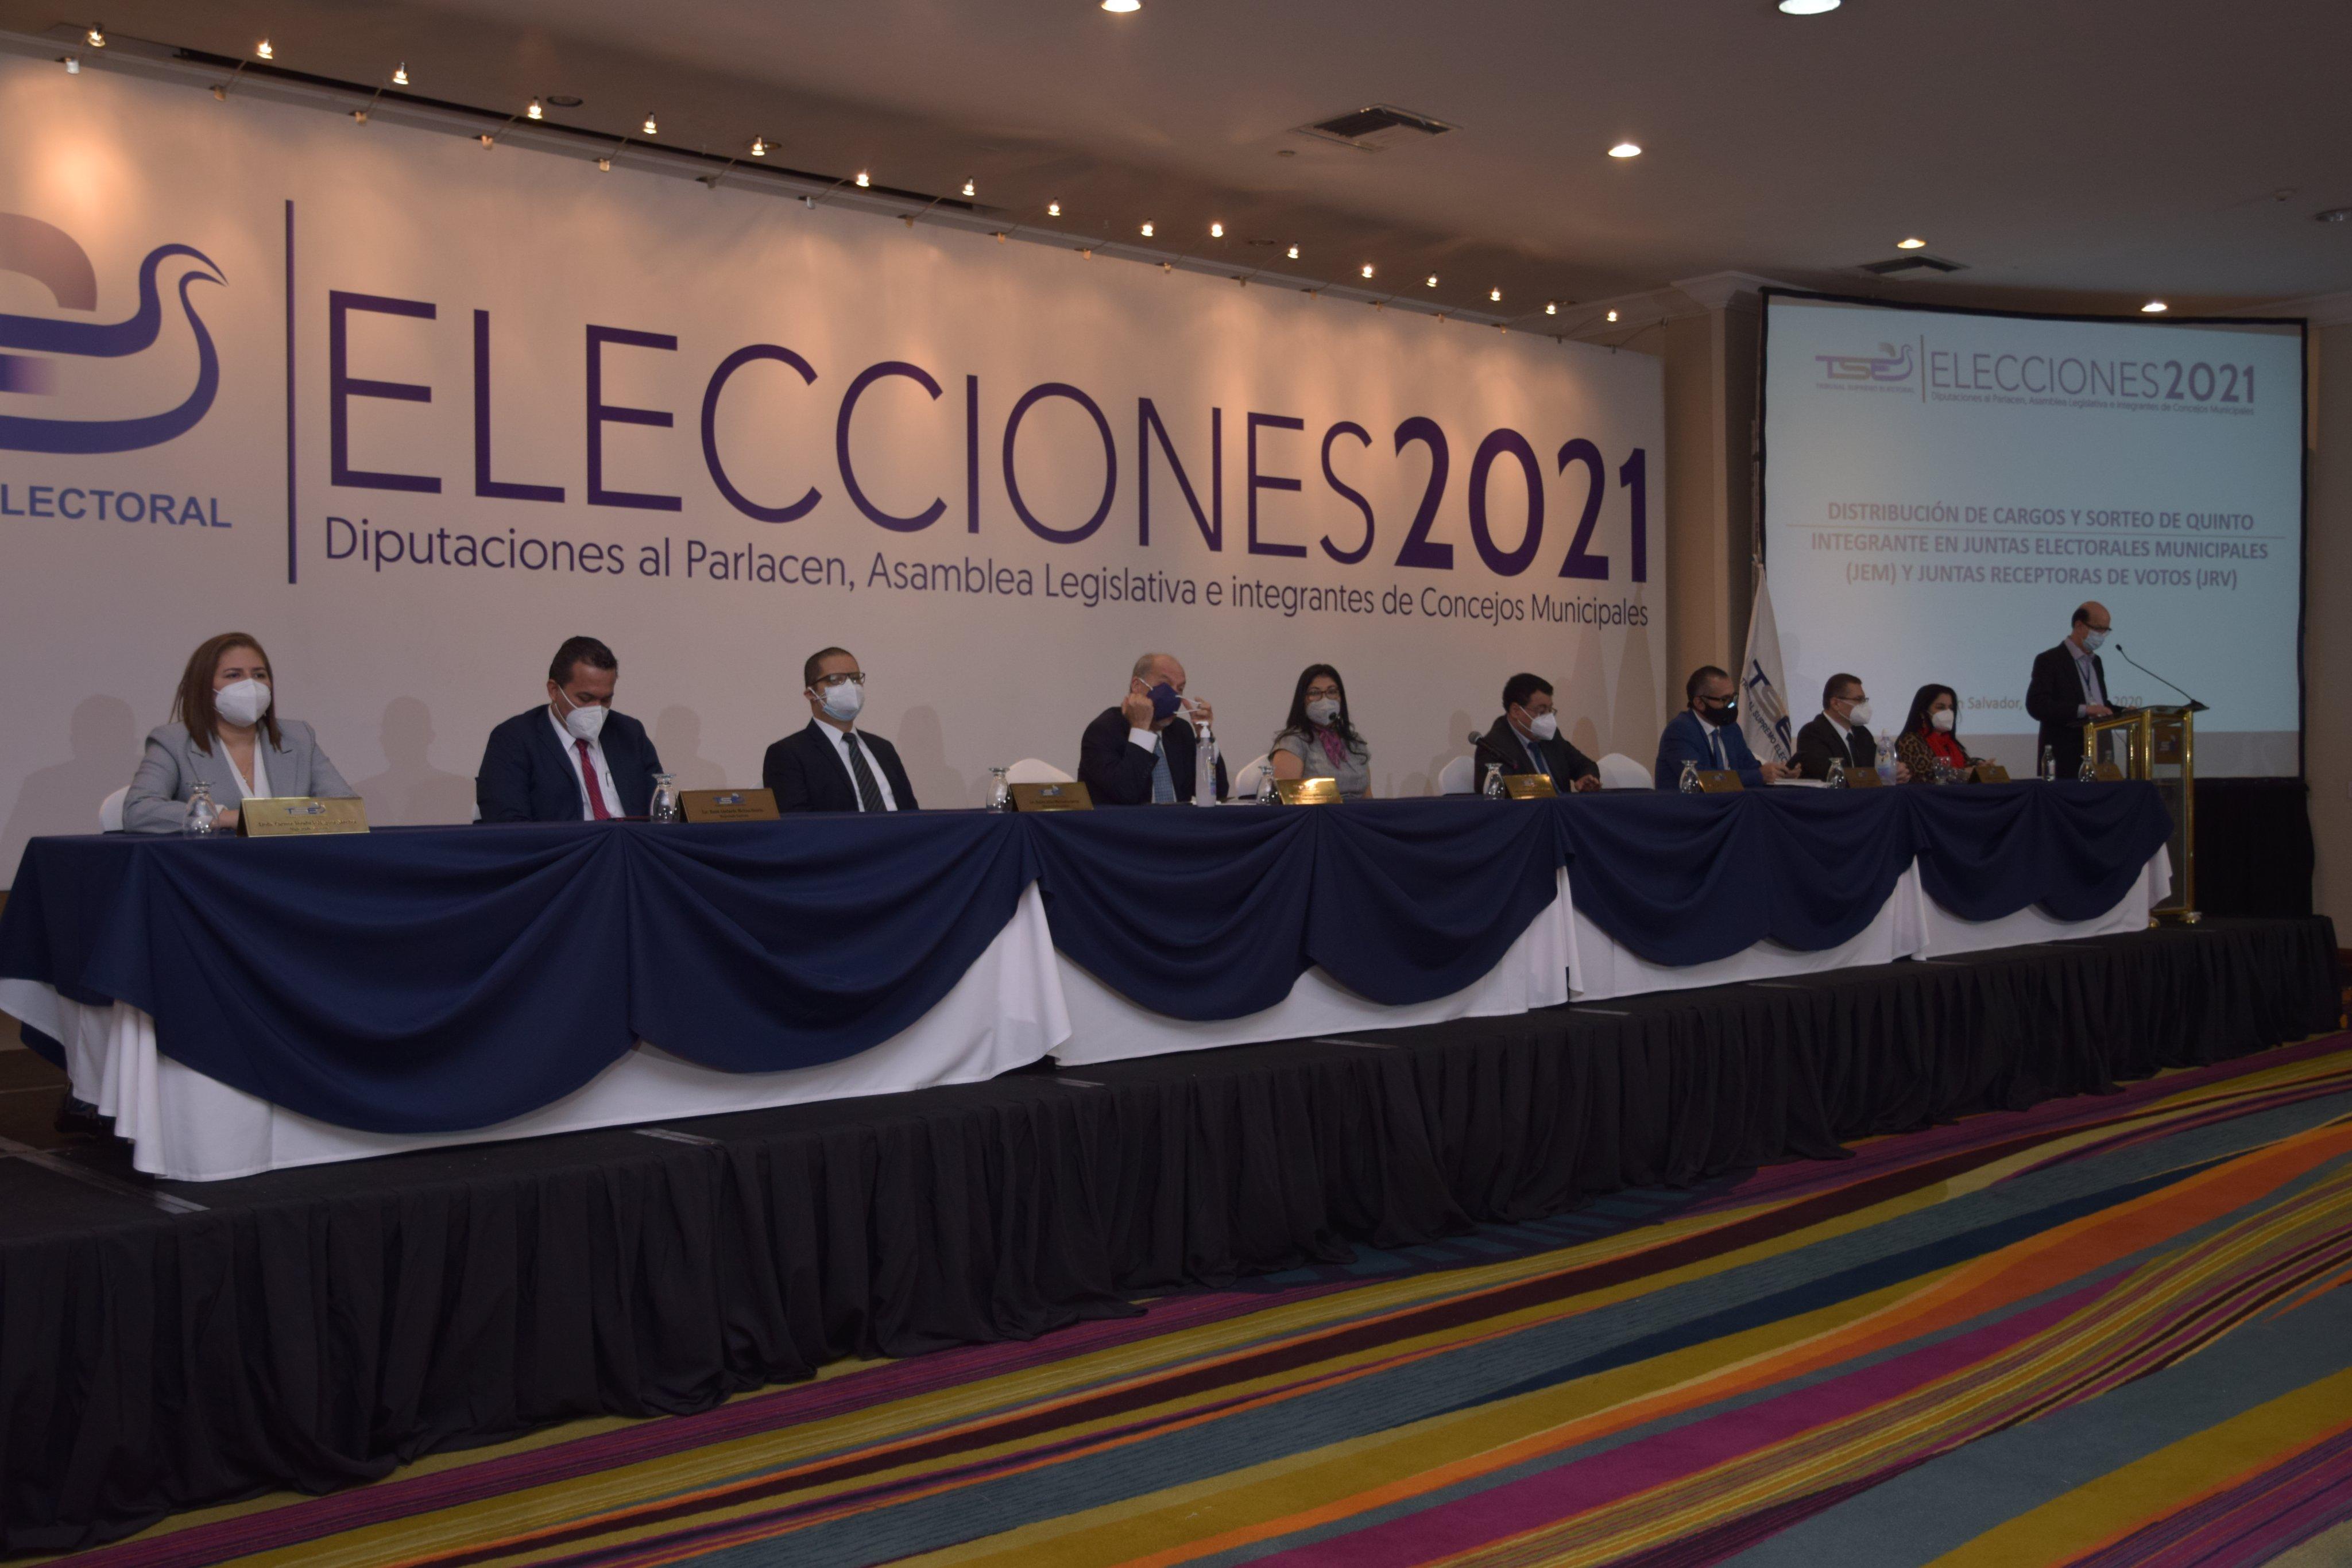 TSE sortea distribución de cargos en JEM y JRV para elecciones 2021